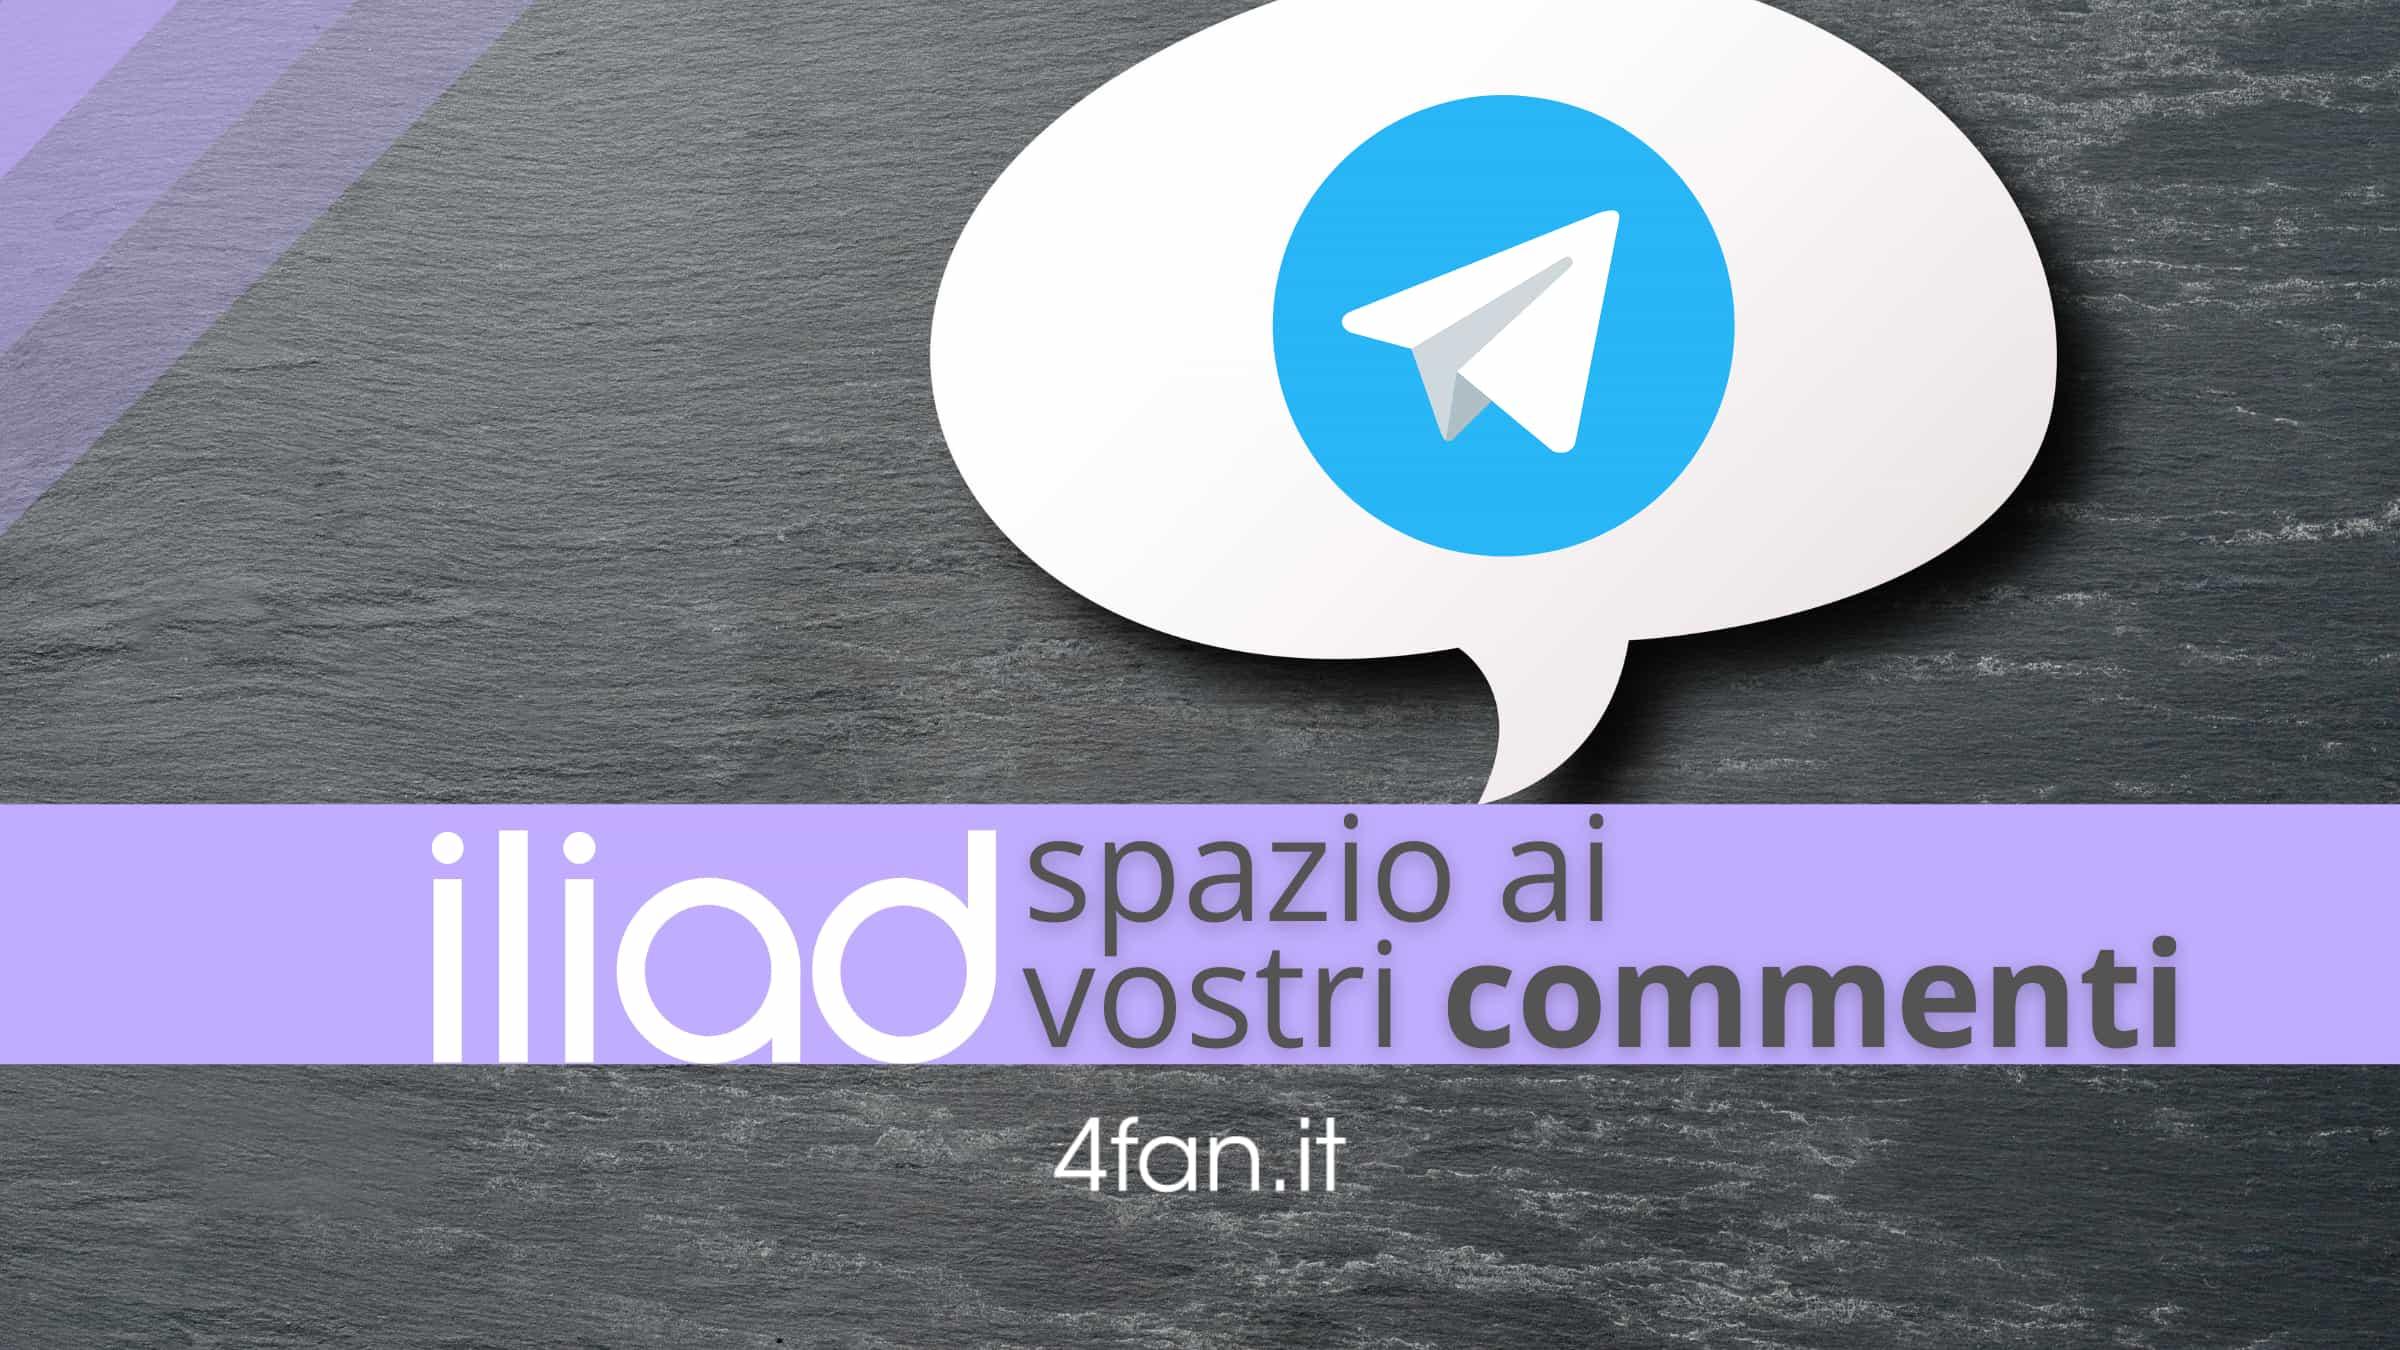 Iliad commenti su Telegram